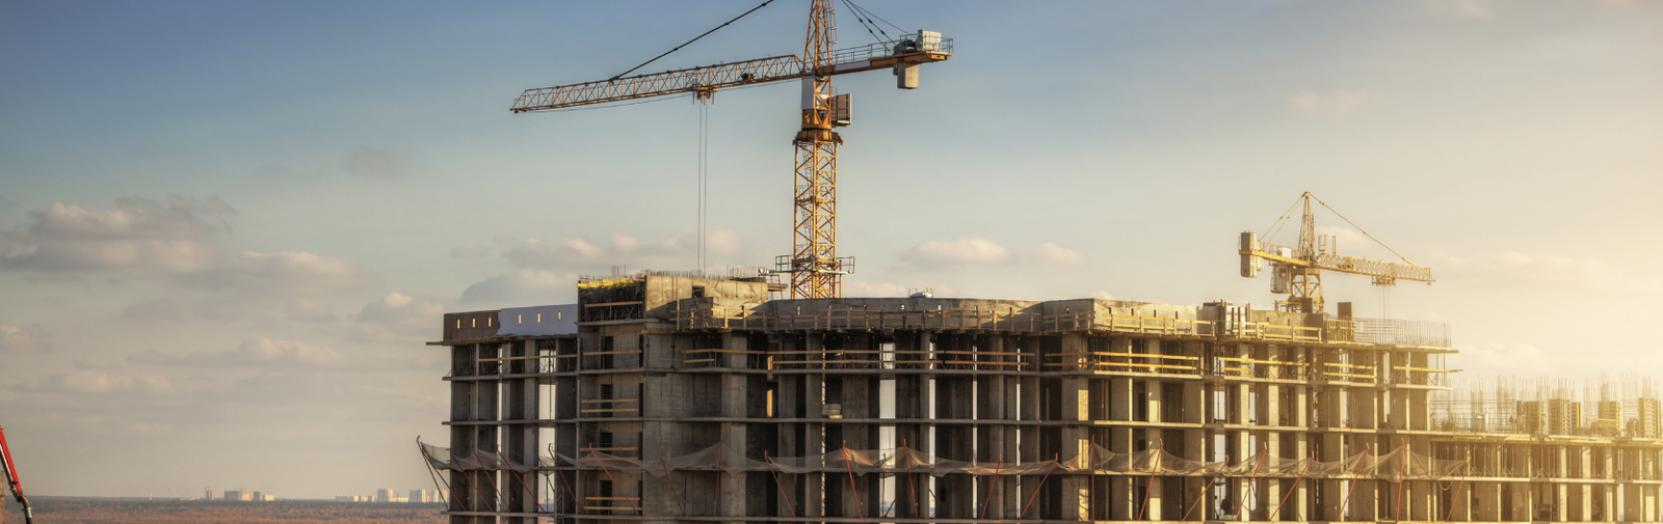 Bauunternehmen Industrie München